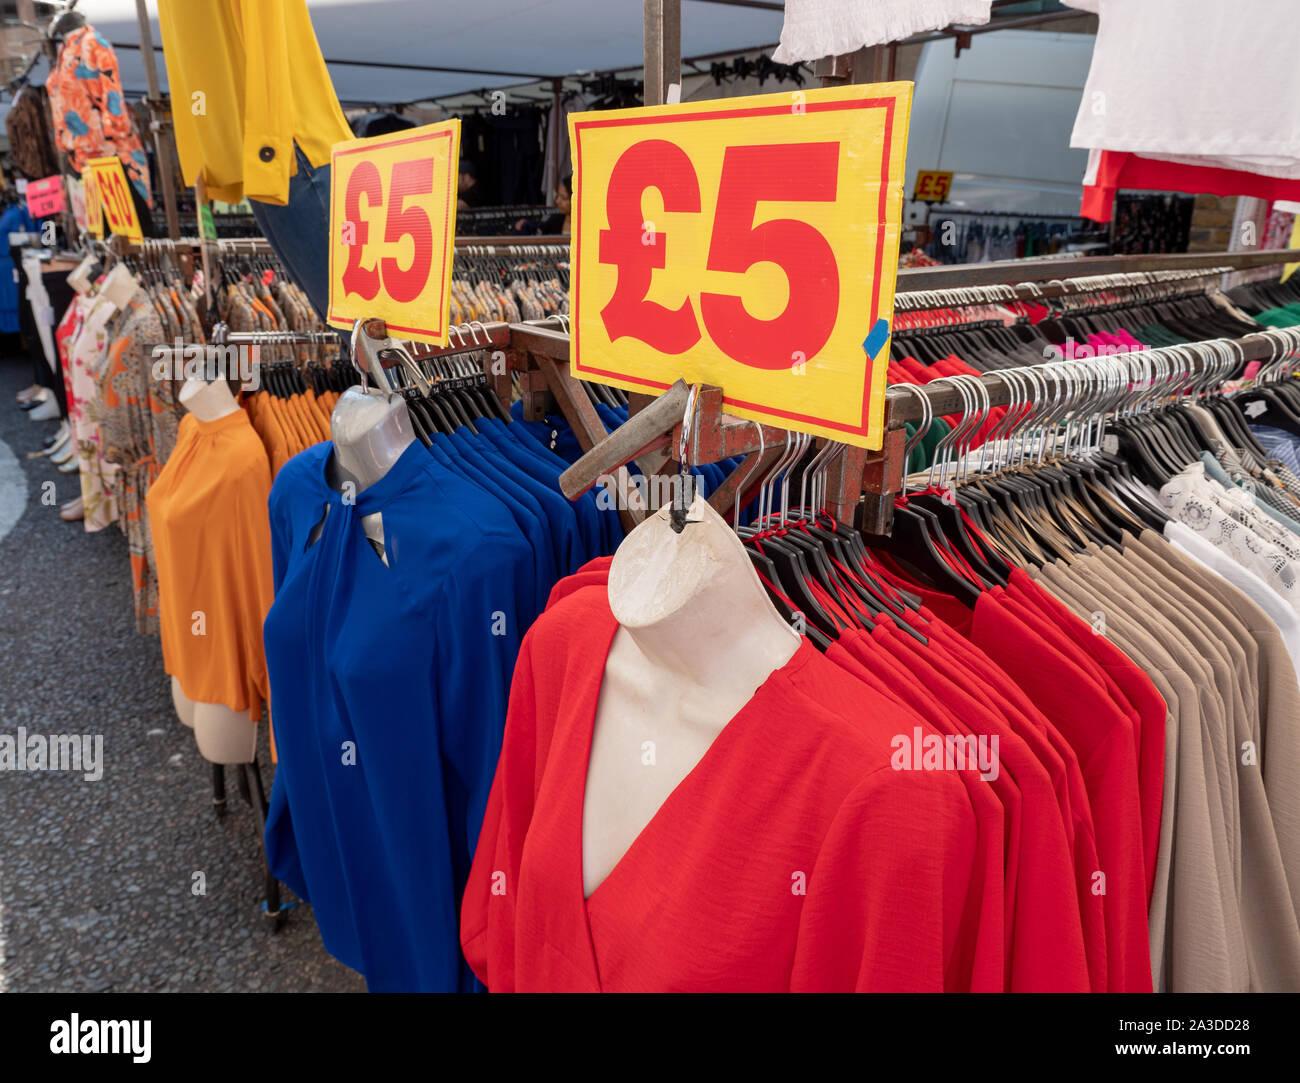 billige kleidung stockfotos und -bilder kaufen - alamy